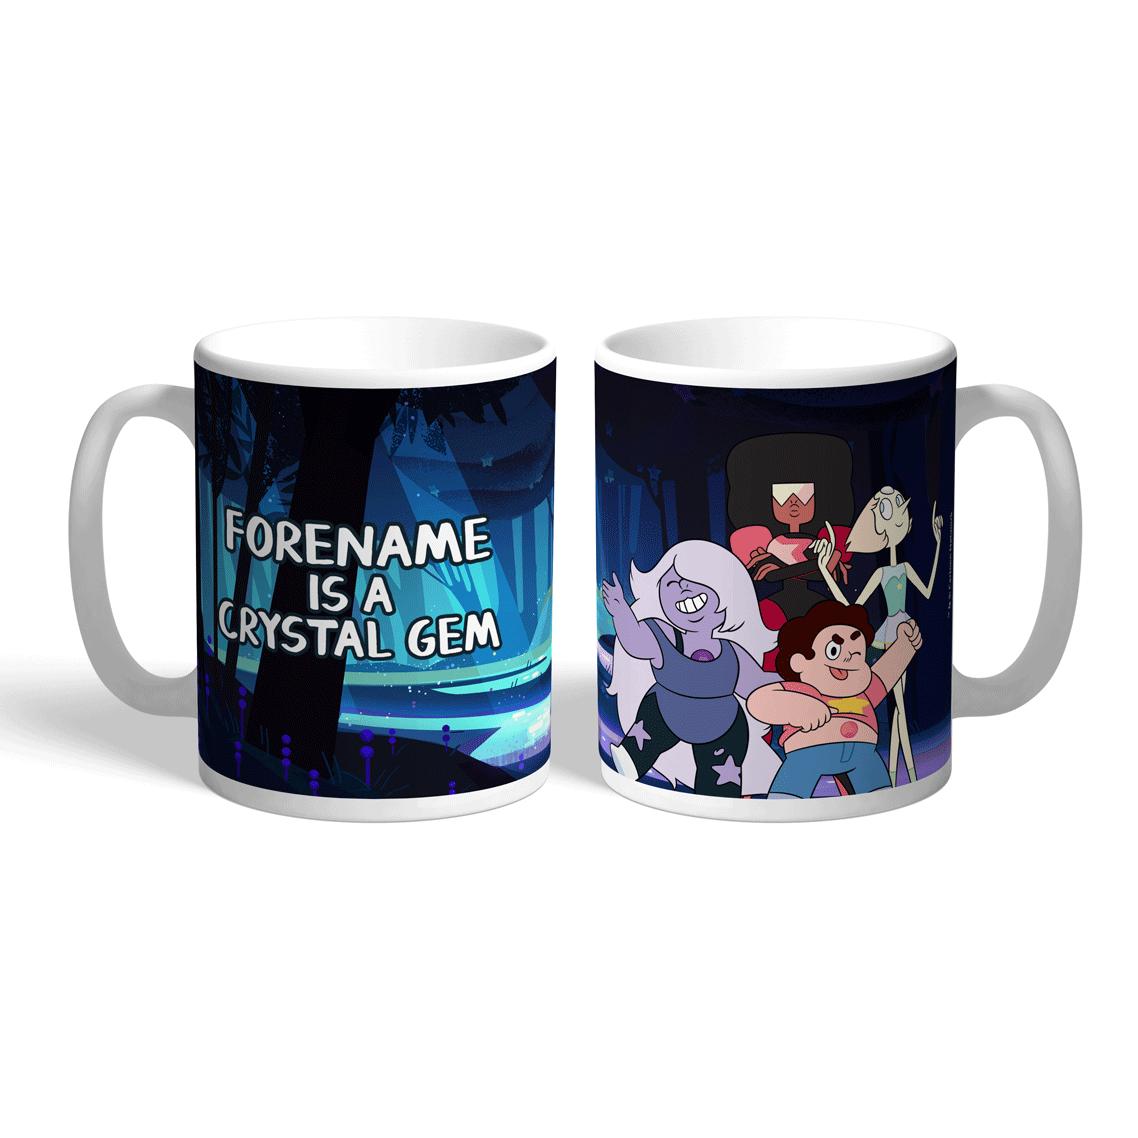 Steven Universe Crystal Gem Mug